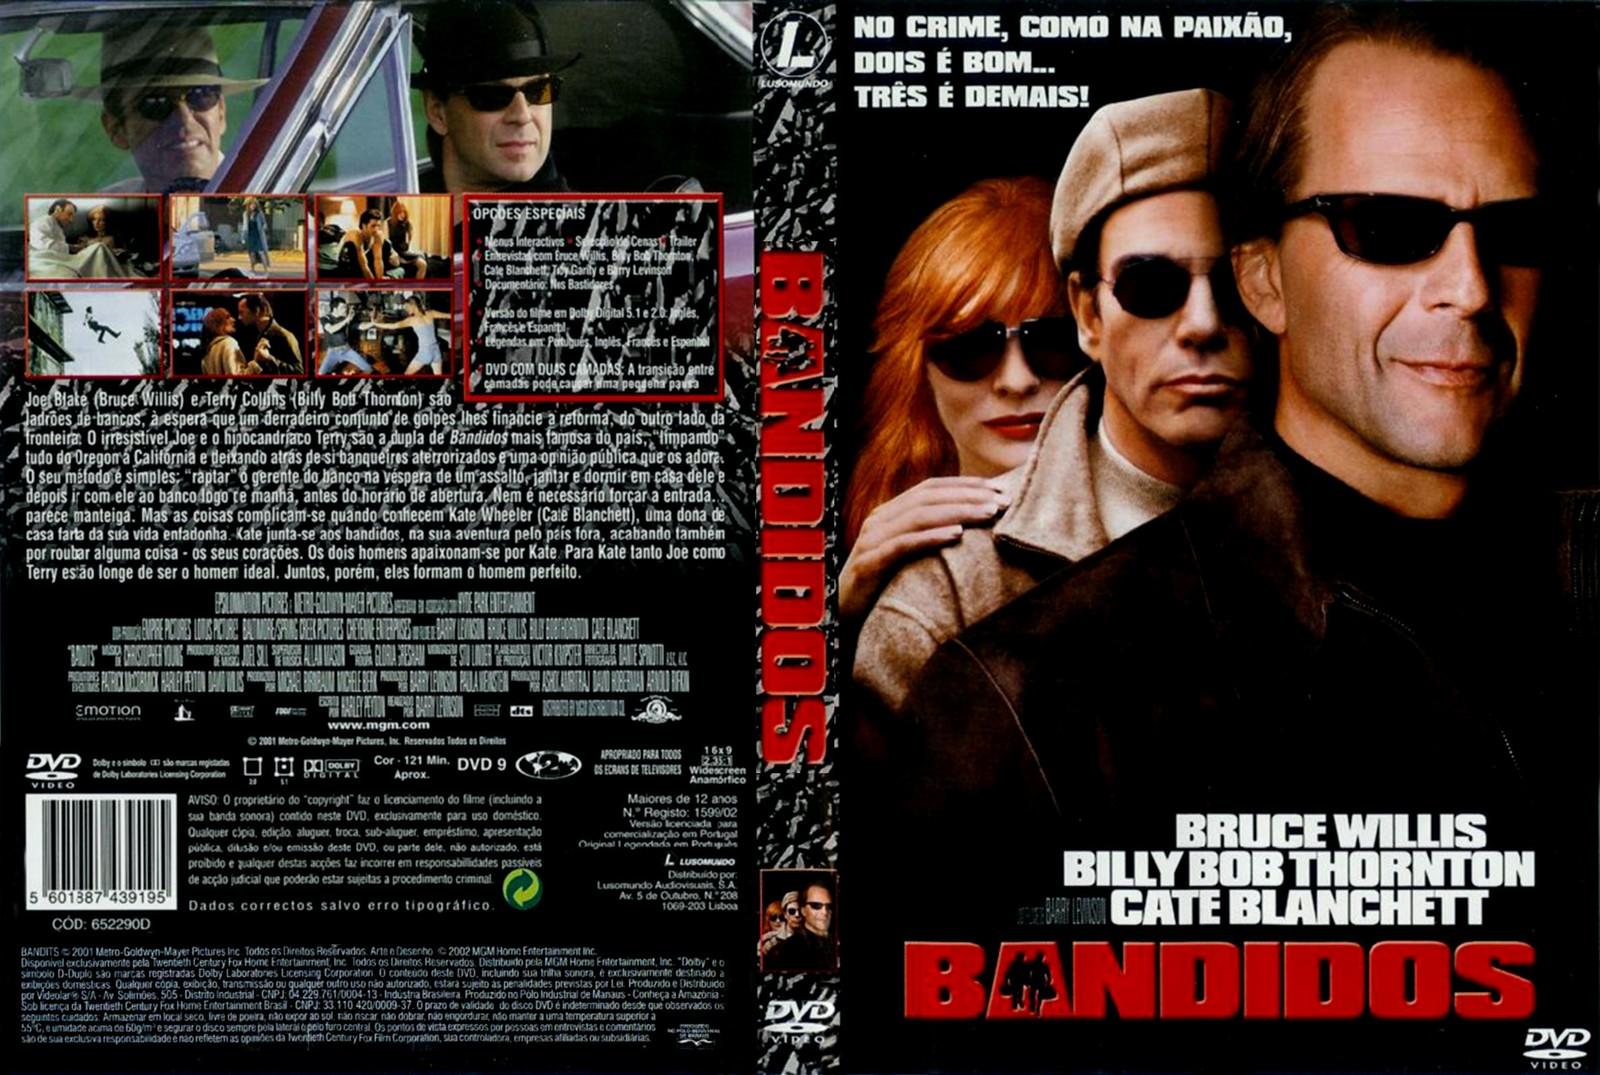 http://2.bp.blogspot.com/_Tgeb_LTYc0o/S8MkXzrxrlI/AAAAAAAAAZk/zhZxrWIlzfo/s1600/Bandidos-custom.jpg